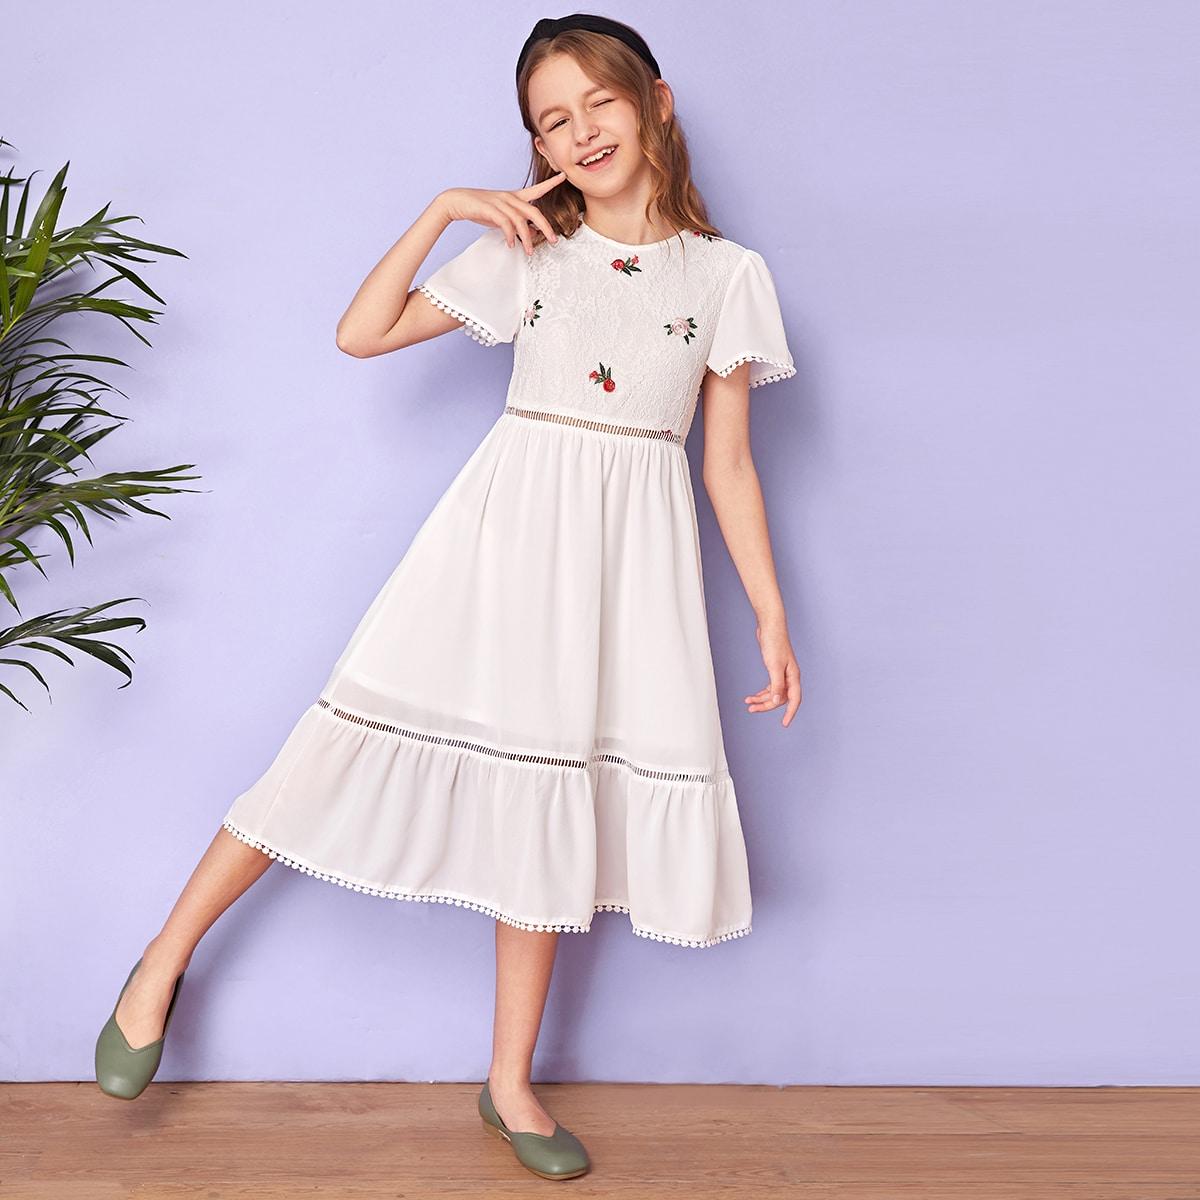 Платье с вышивкой и кружевной отделкой для девочек